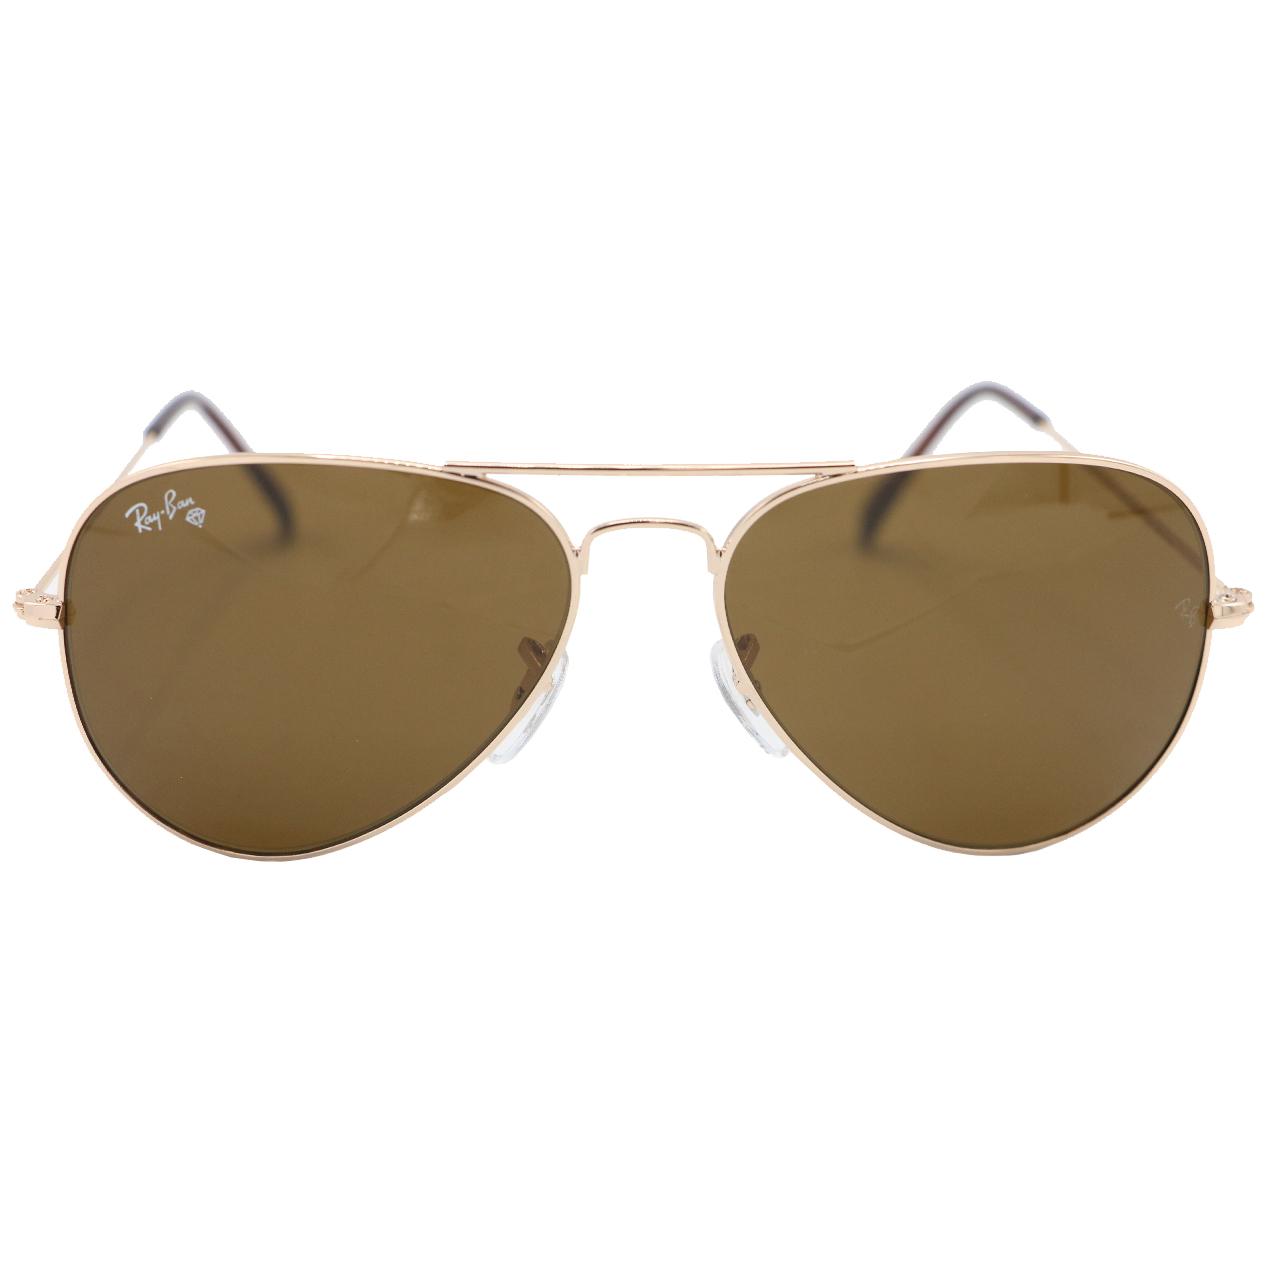 عینک آفتابی ری بن مدل 3025